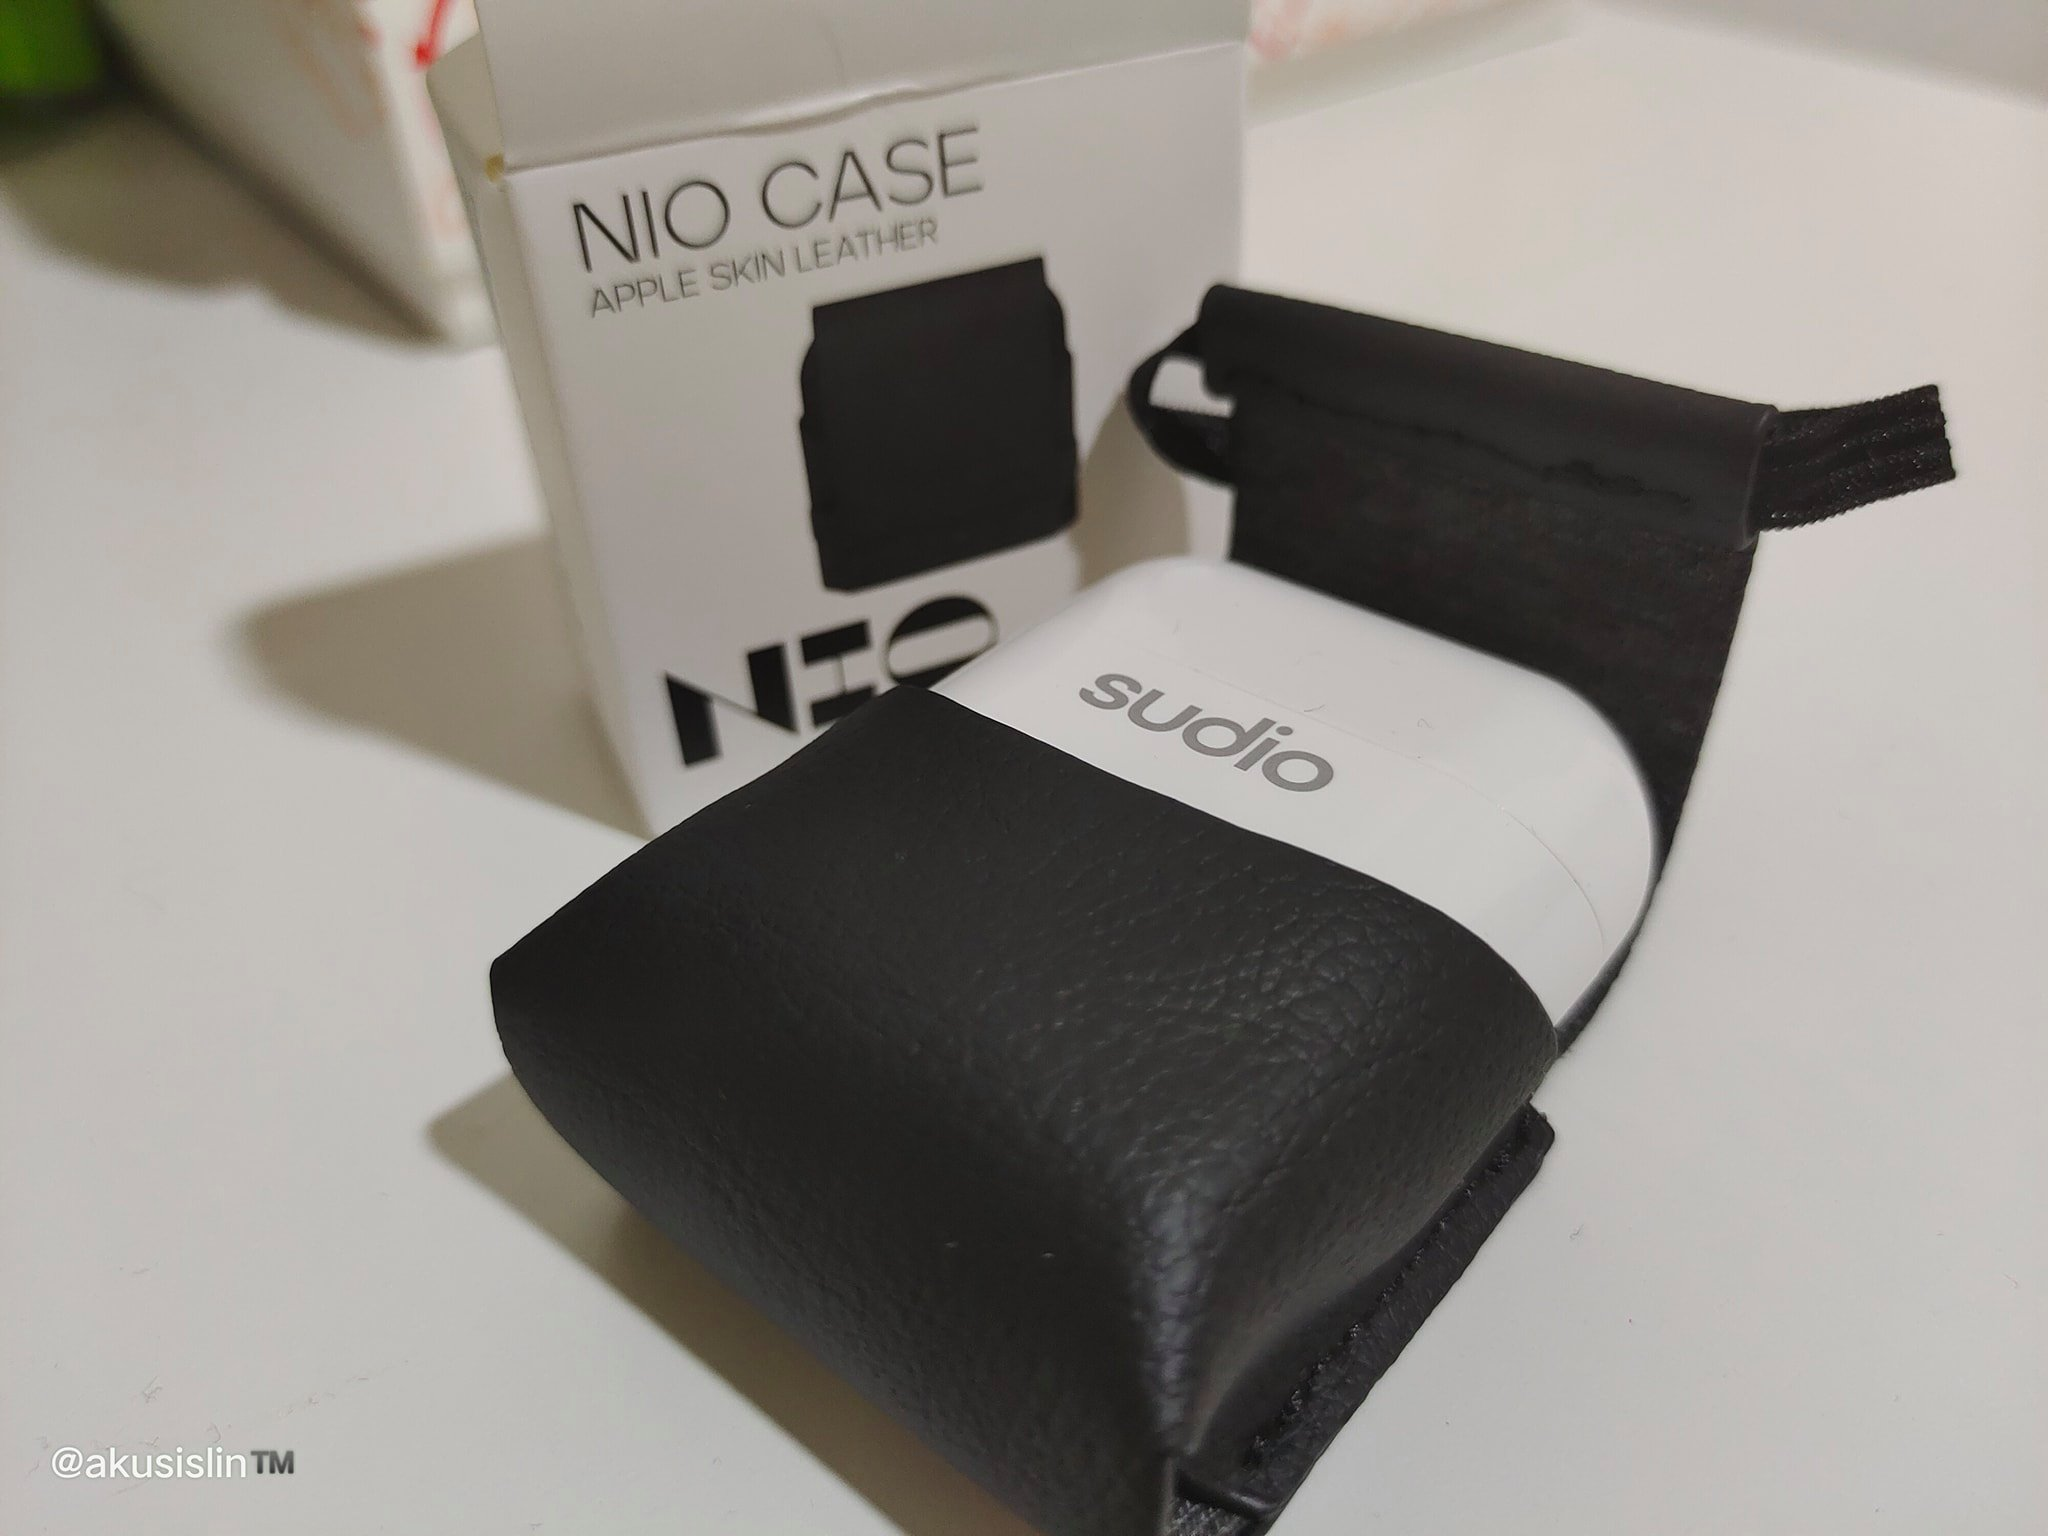 Beli Sudio Nio Earphones Sekarang Dan Dapatkan Sudio Nio Case Secara Percuma!